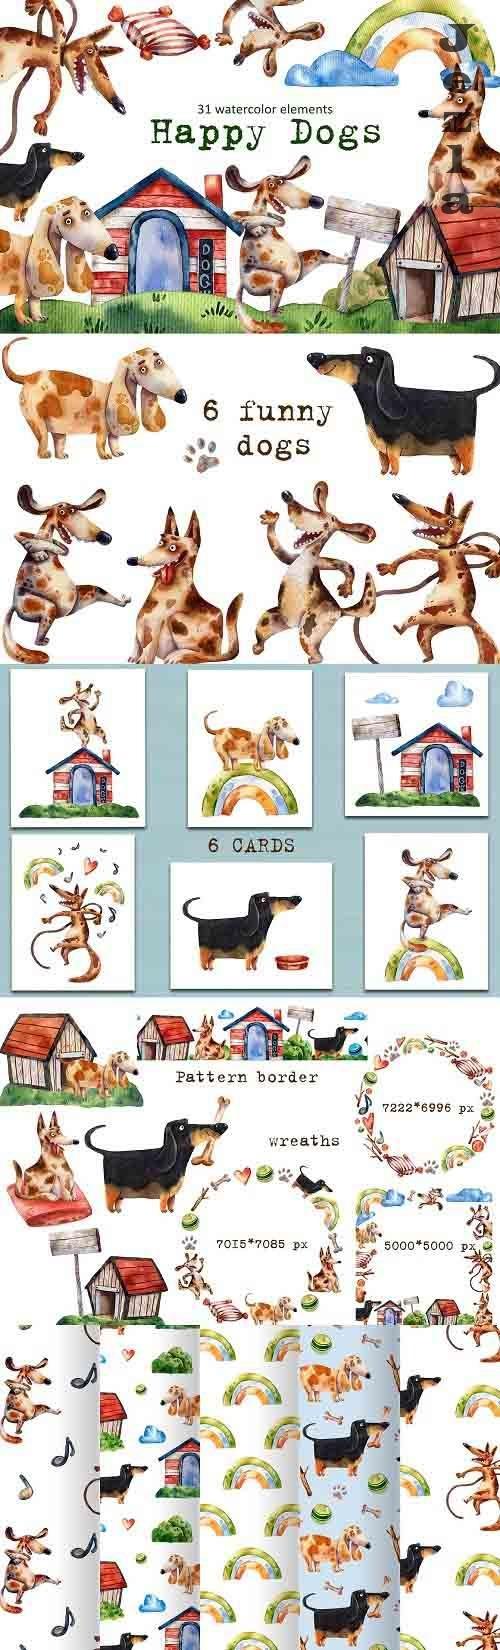 Happy Dogs - Watercolor Clip Art Set - 5853753